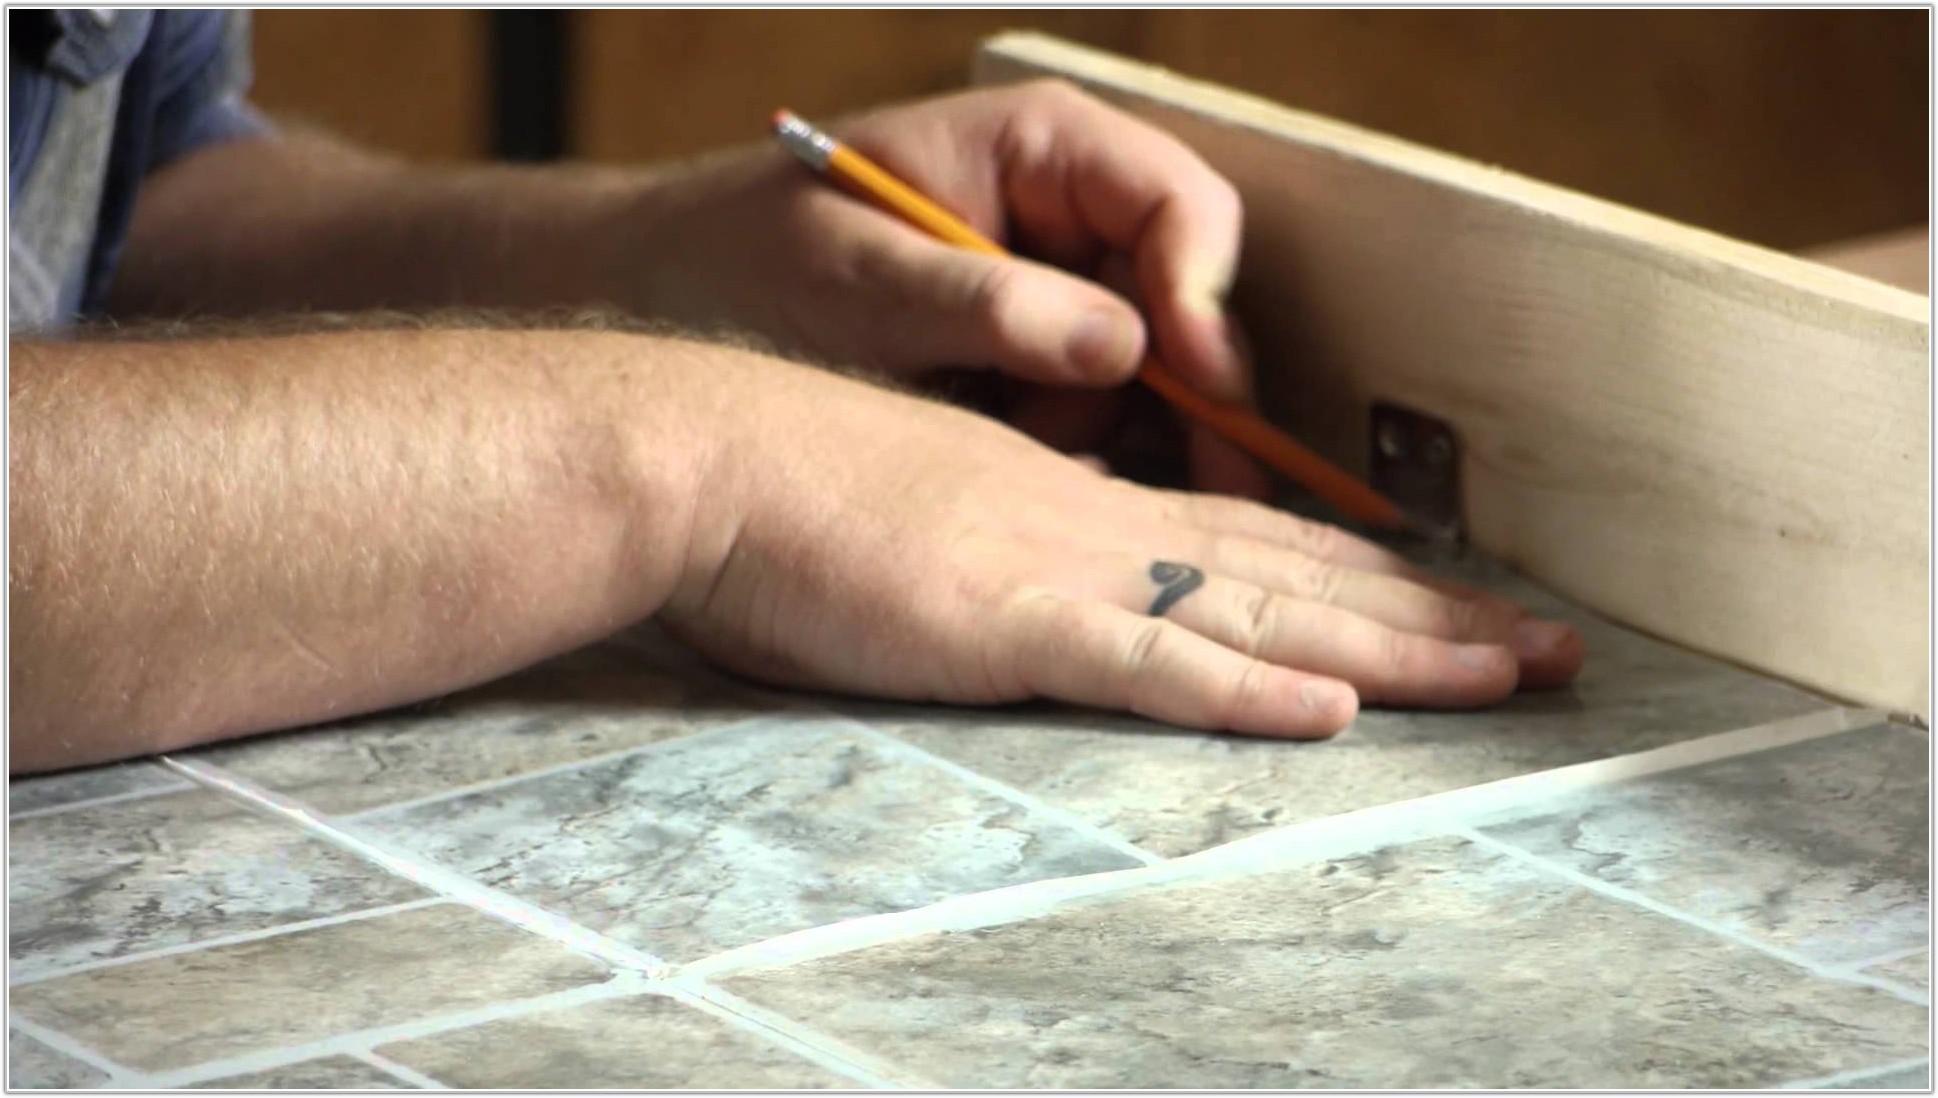 Installing Self Adhesive Floor Tiles